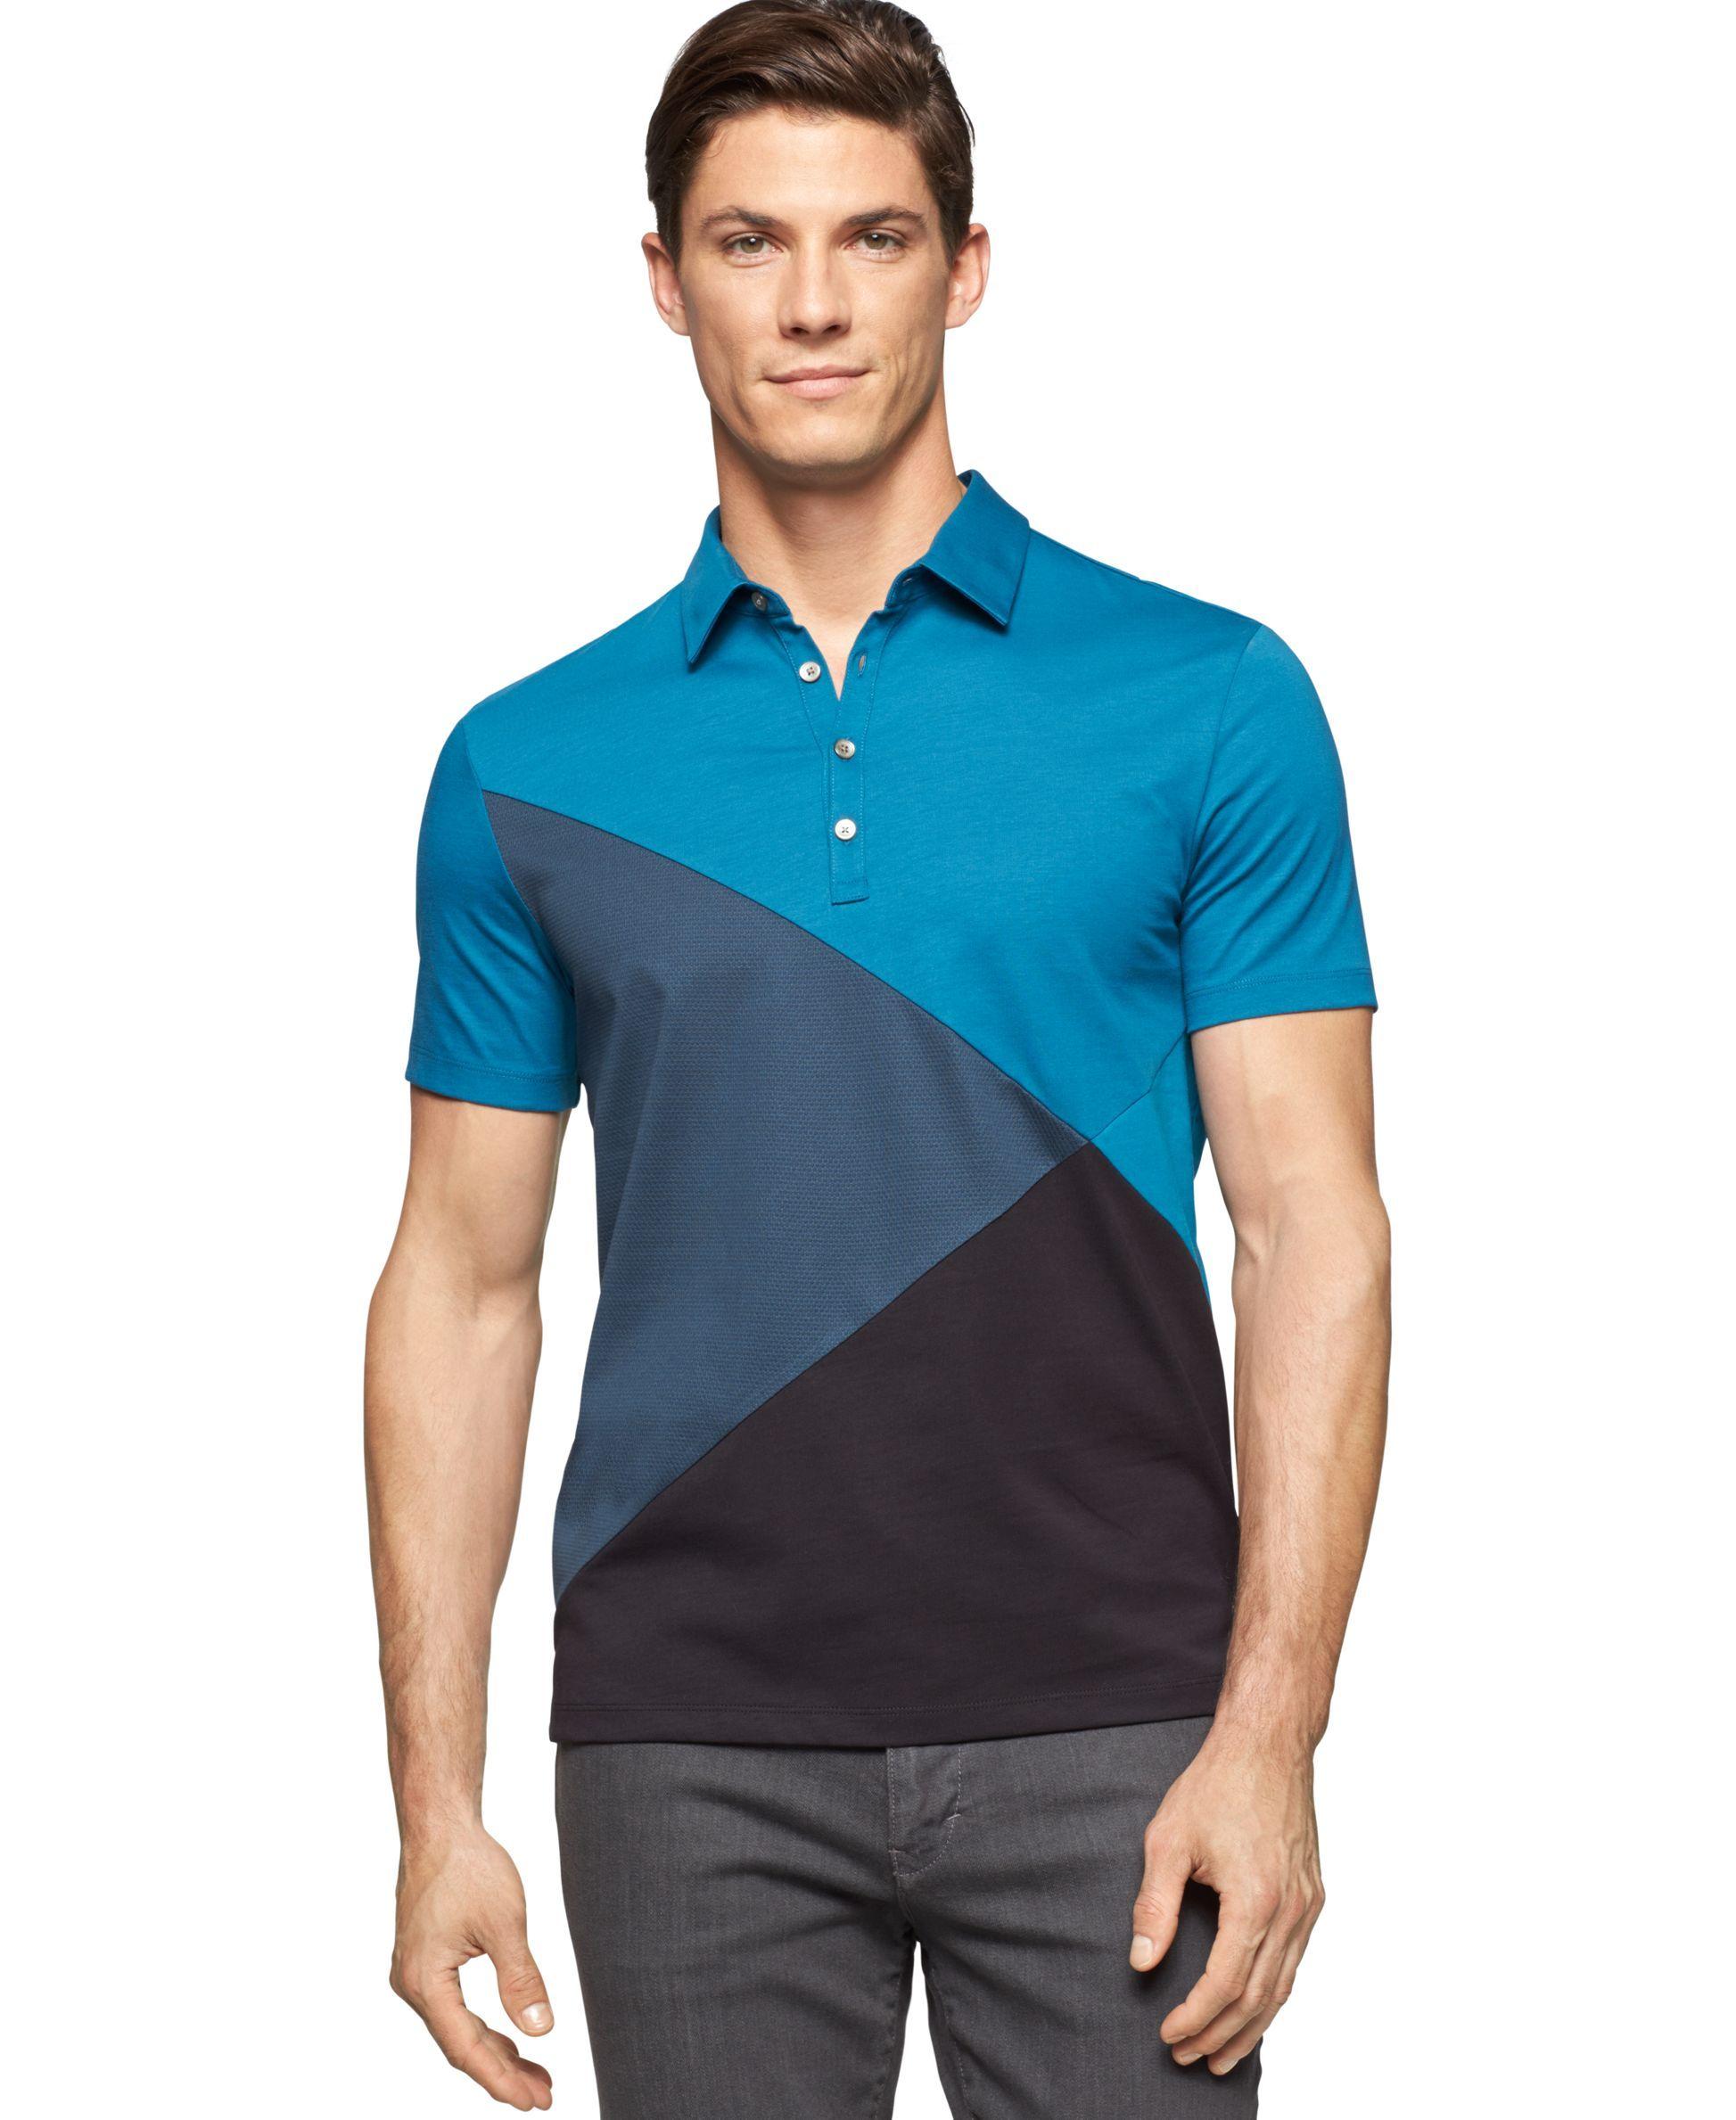 bf74c2a6eed6 Calvin Klein Jacquard Colorblock Jersey Polo